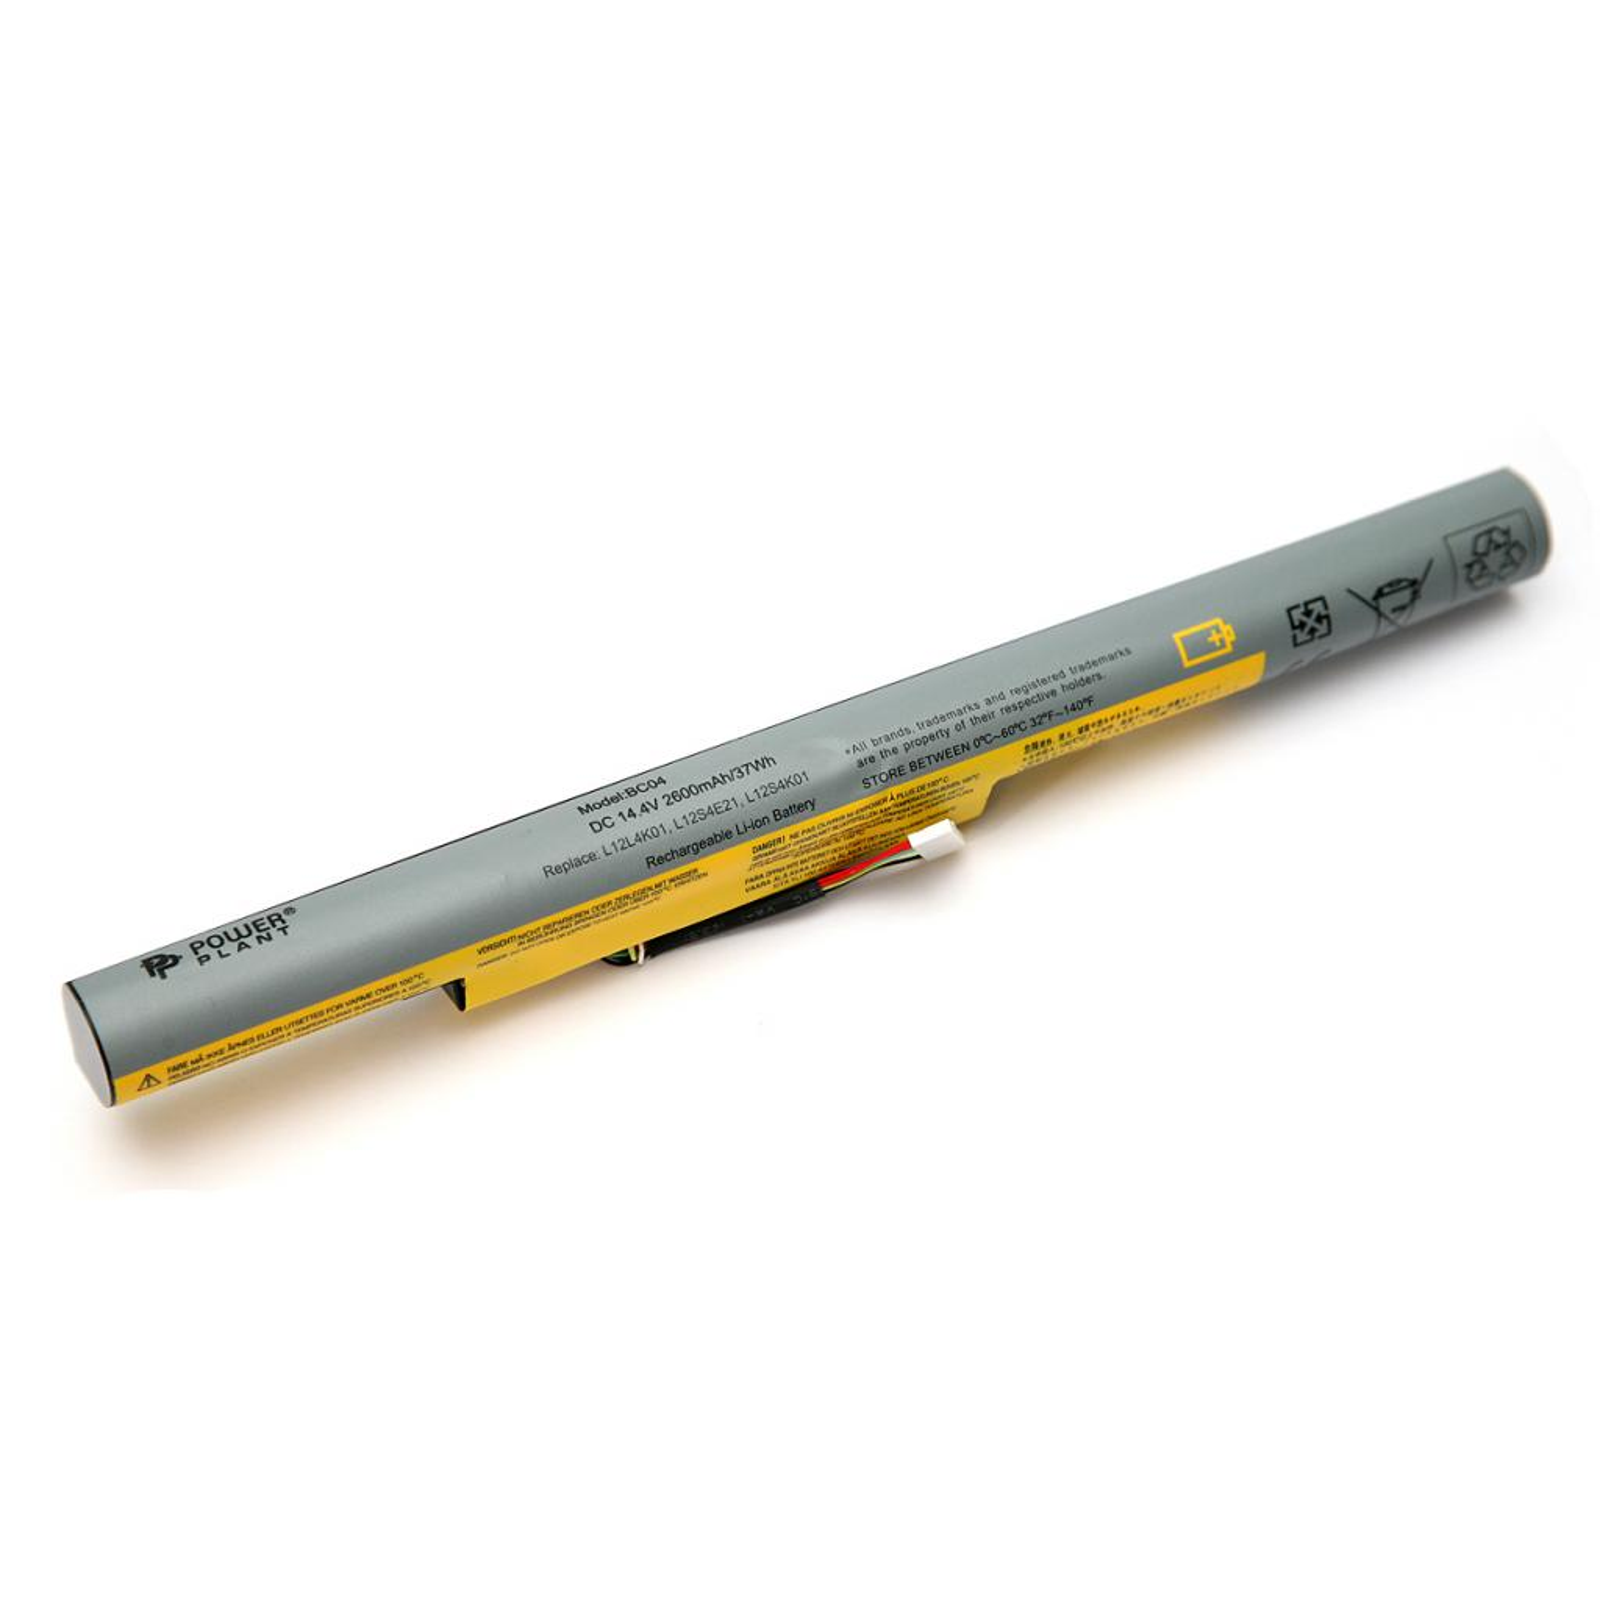 Аккумулятор для ноутбука LENOVO IdeaPad Z500 (L12L4K01, LOZ500L7) PowerPlant (NB00000298)